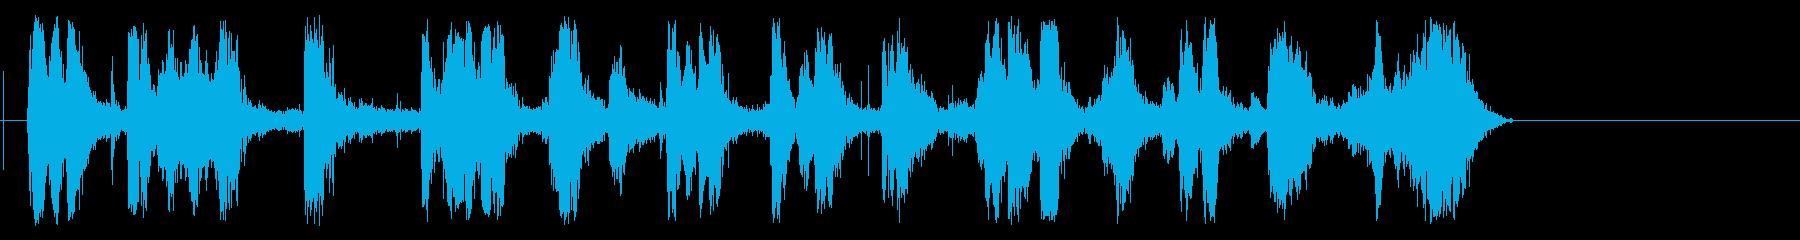 チャマルティンメガホントレインの再生済みの波形